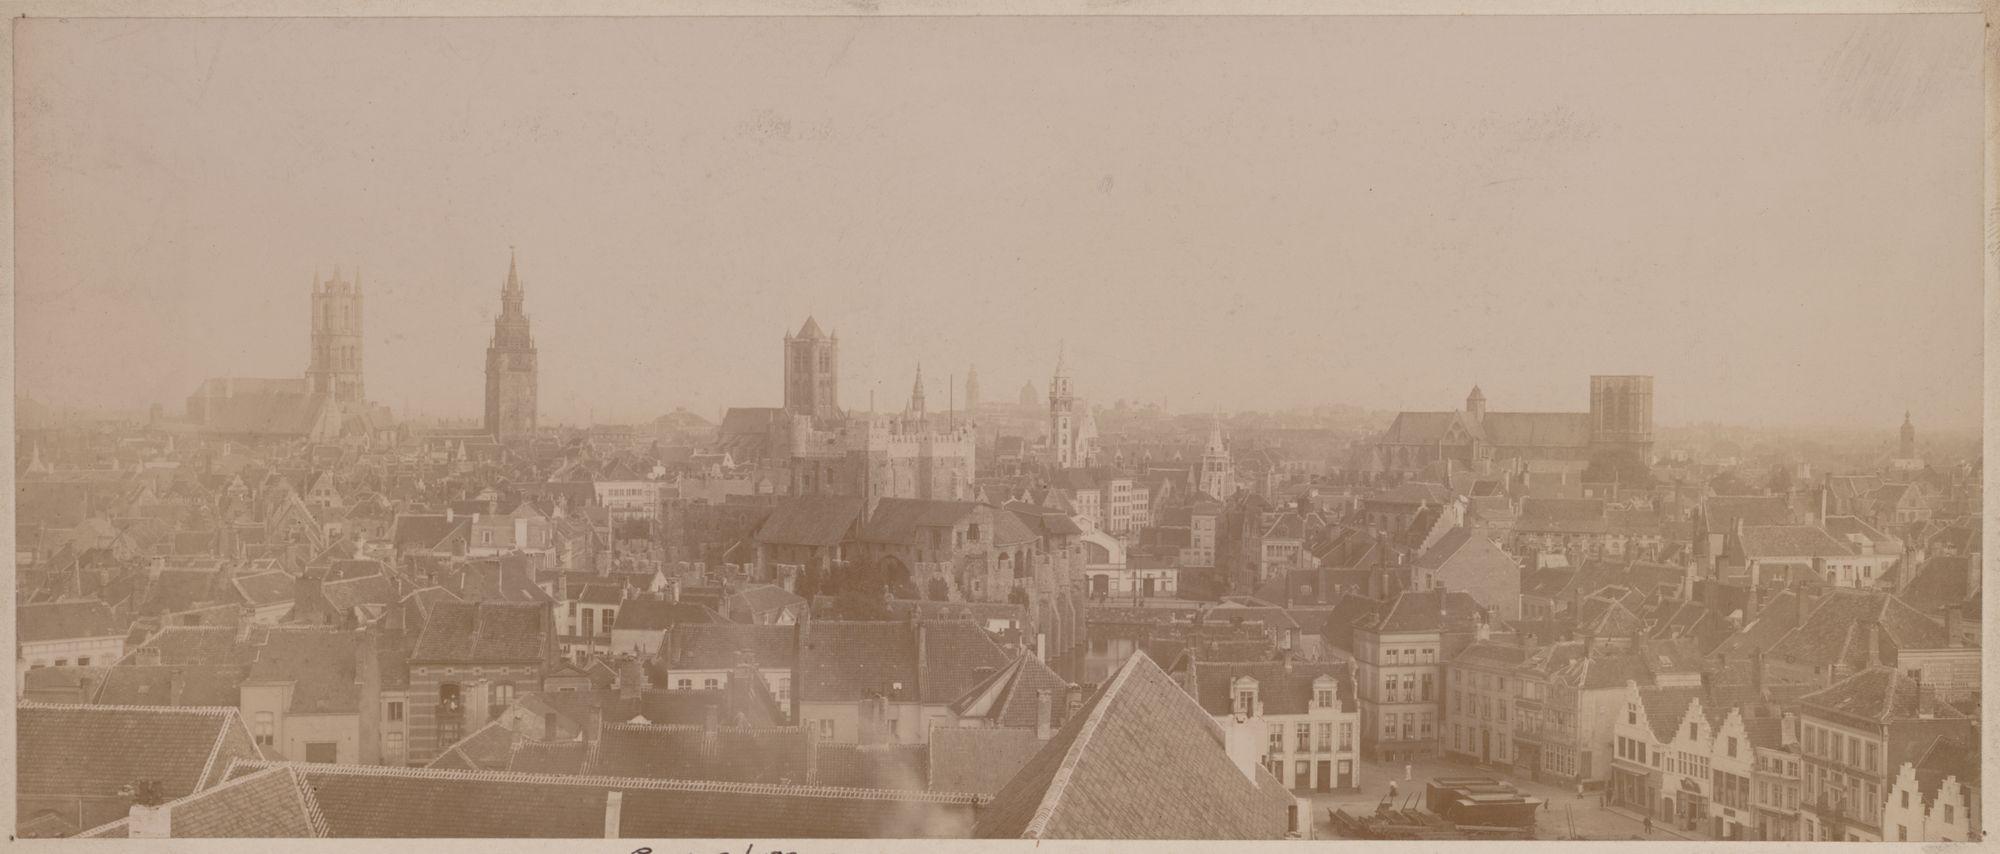 Gent: panoramisch gezicht op de binnenstad vanaf de uitkijktoren van de brandweerkazerne, 1906